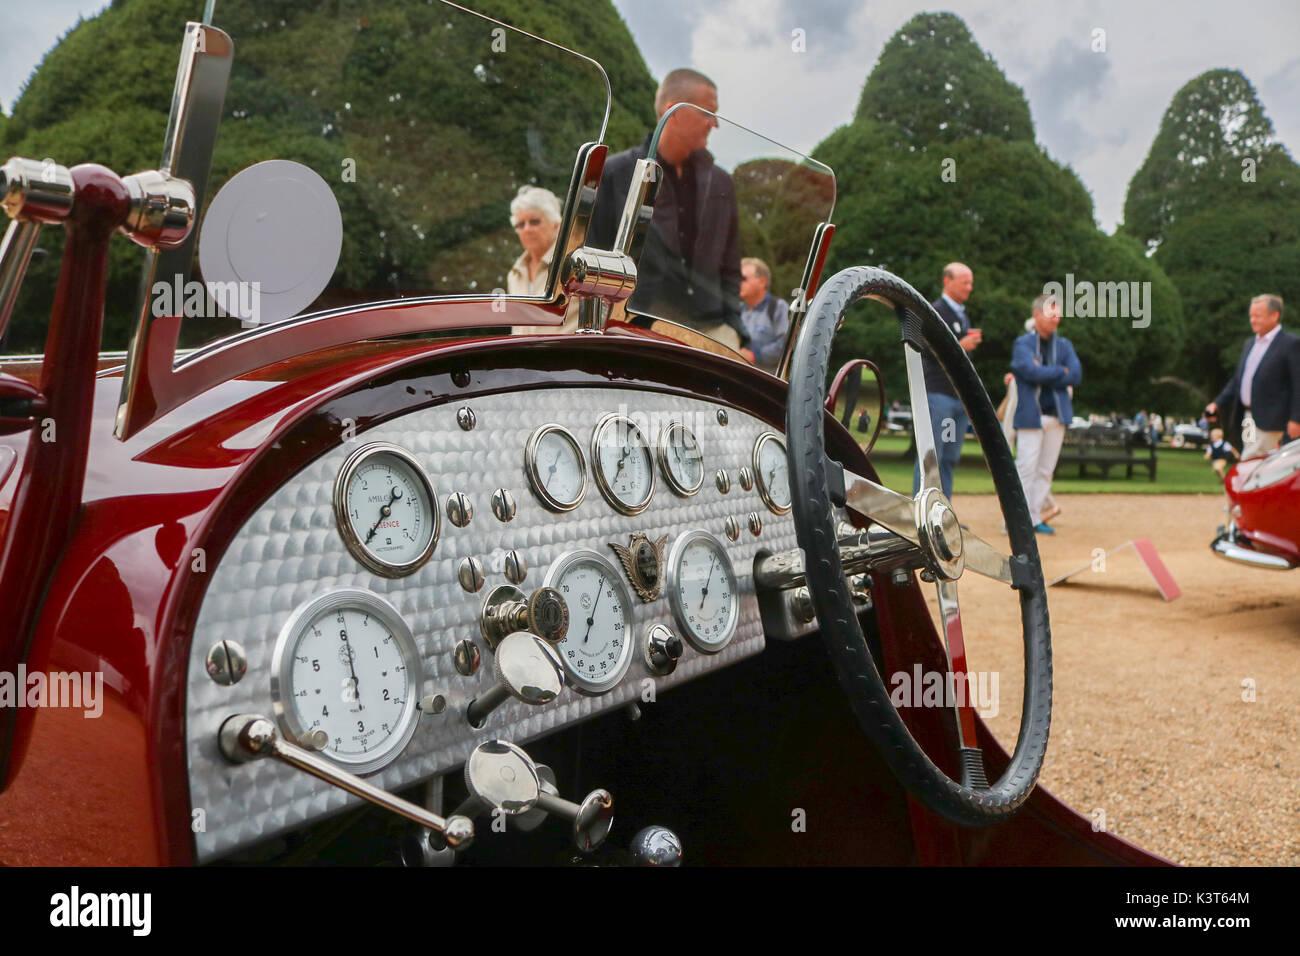 Londra Regno Unito. Il 3 settembre 2017. una collezione 60 dei rarissimi classic autovetture provenienti da tutto il mondo sul display al Concours de eleganza a Hampton Court Palace. Credito: amer ghazzal/alamy live news Foto Stock